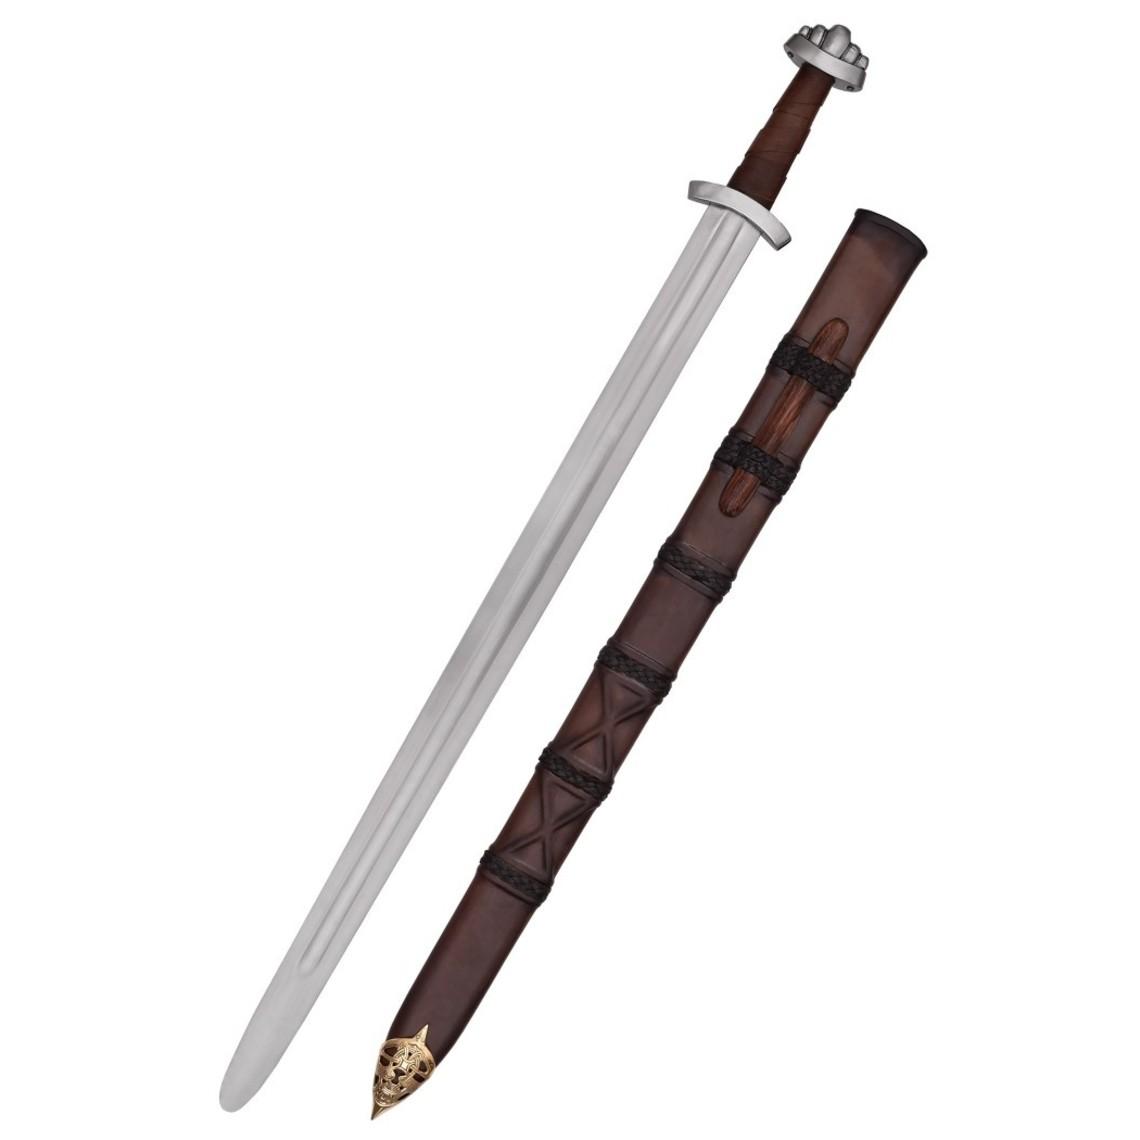 Deepeeka Espada vikinga del siglo x